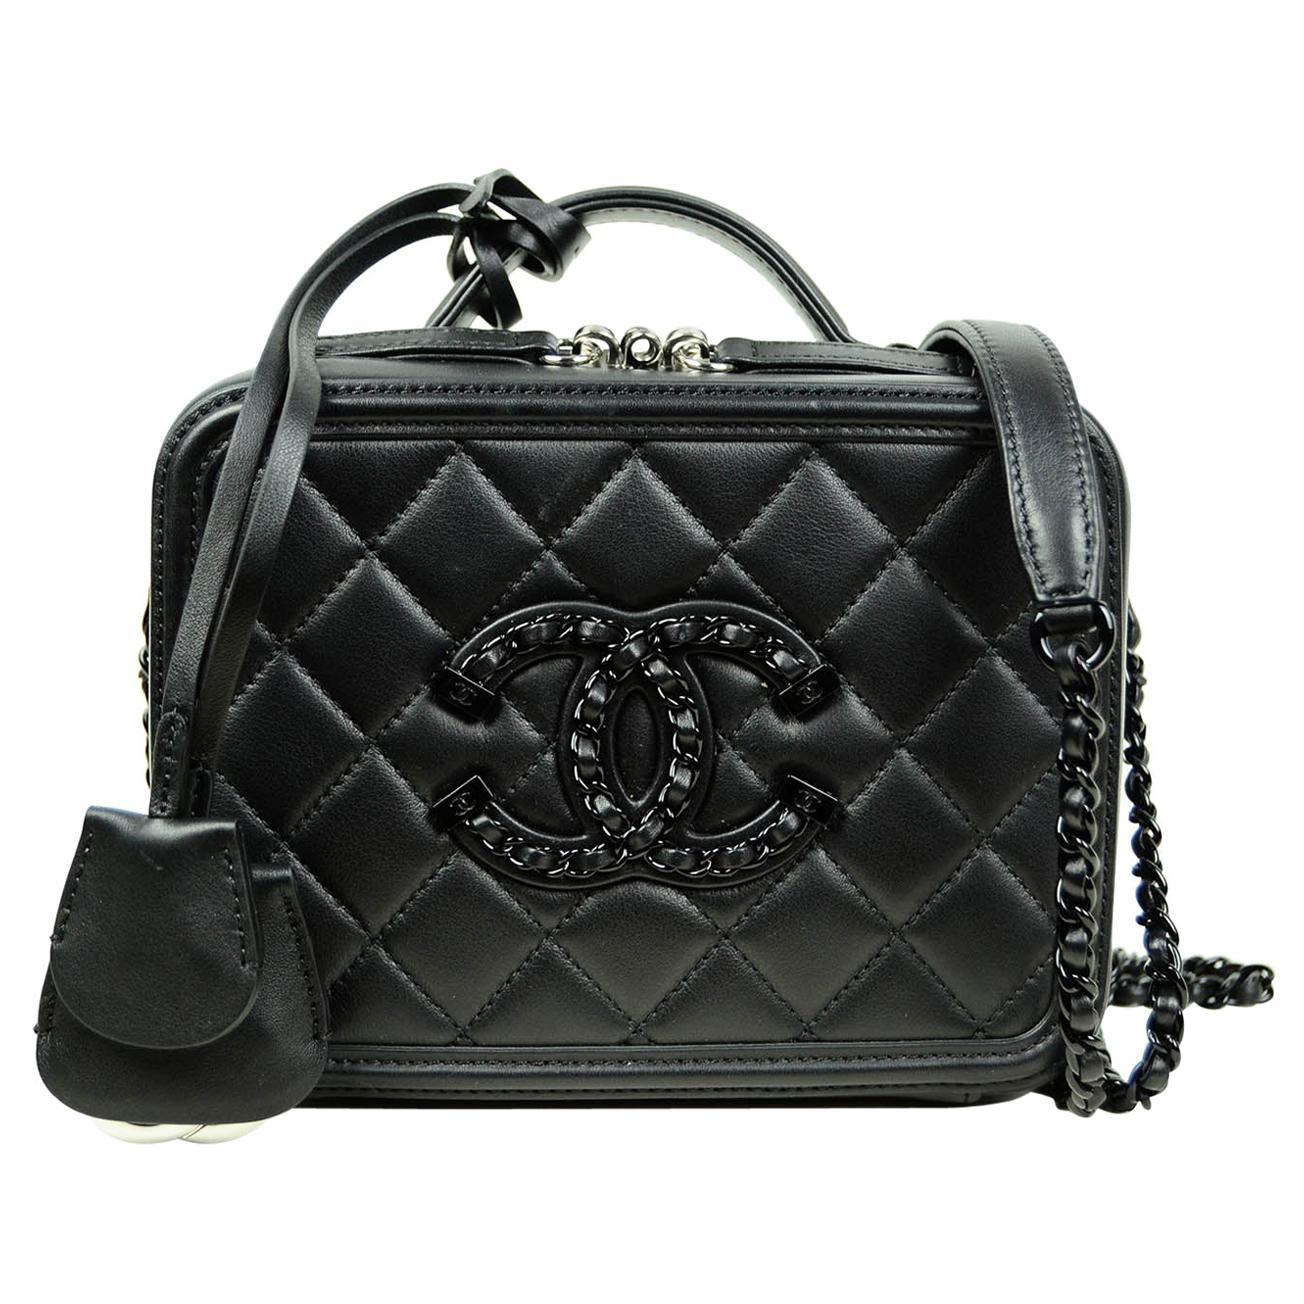 Chanel Incognito SO BLACK Small CC Filigree Vanity Case Crossbody Bag